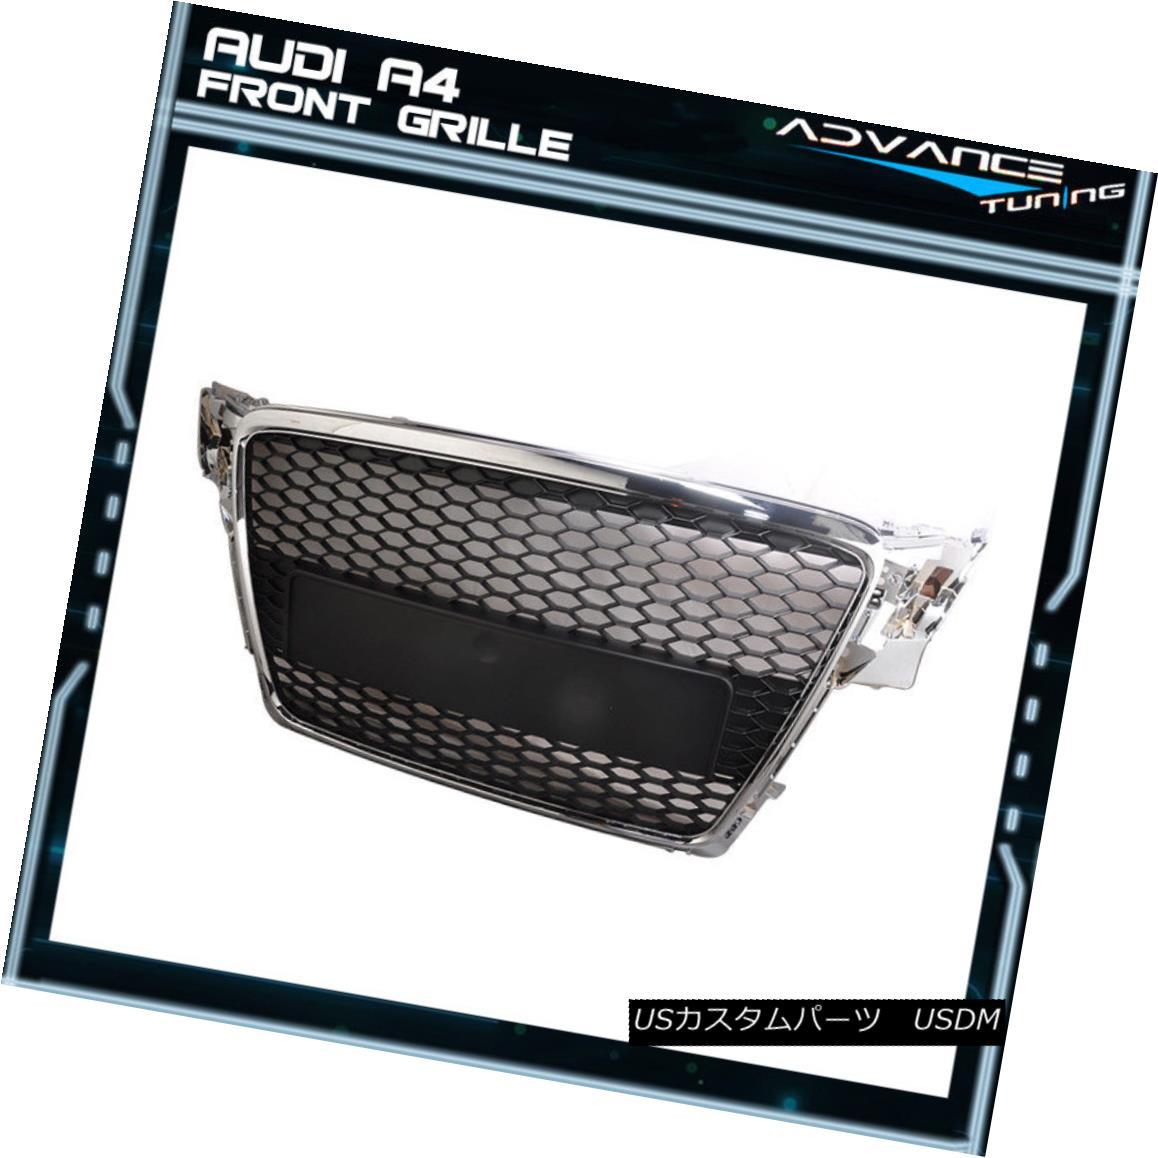 グリル Fits 09-11 Audi A4 B8 Front ABS Mesh RS Style Hood Grille Grill Chrome フィット09-11アウディA4 B8フロントABSメッシュRSスタイルフードグリルグリルクローム